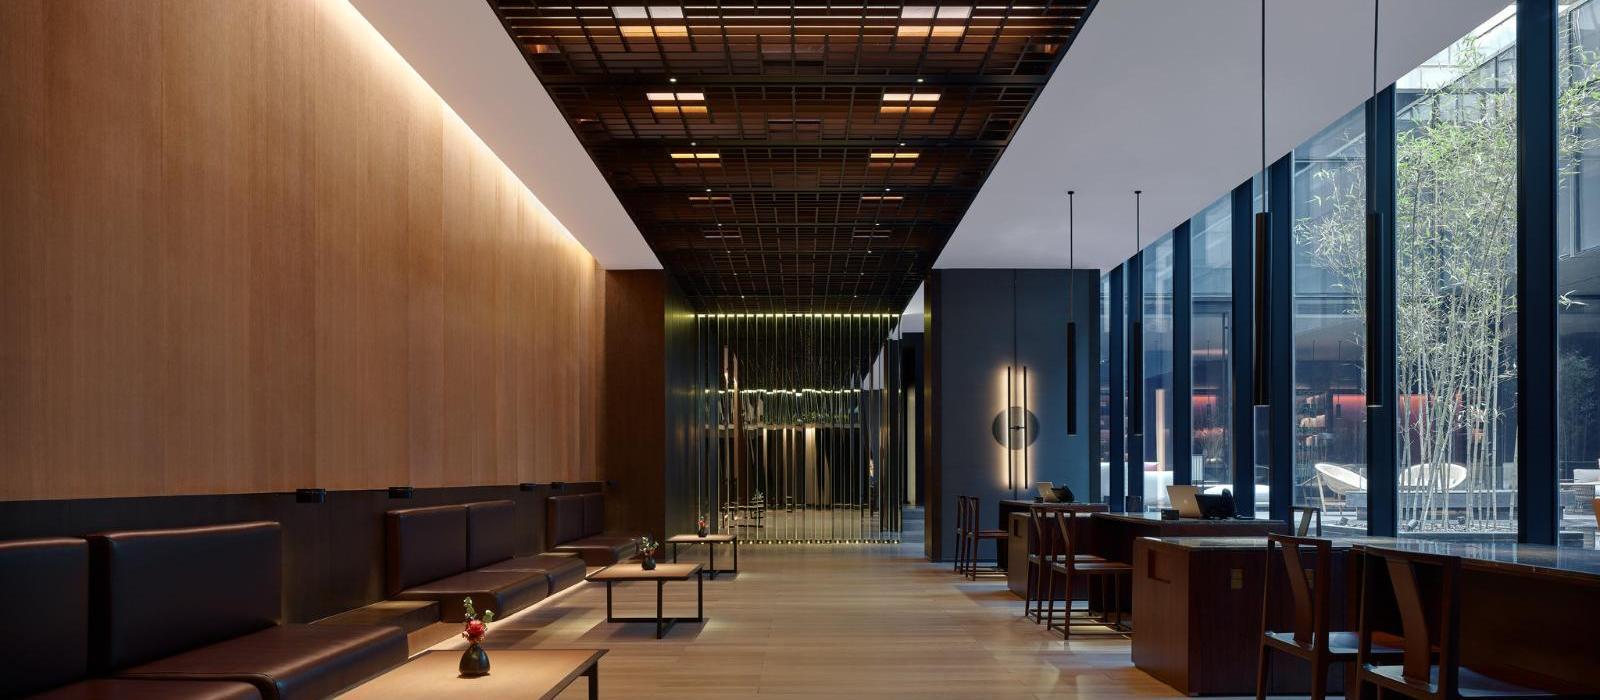 璞瑄酒店(The PuXuan Hotel & Spa) 图片  www.lhw.cn